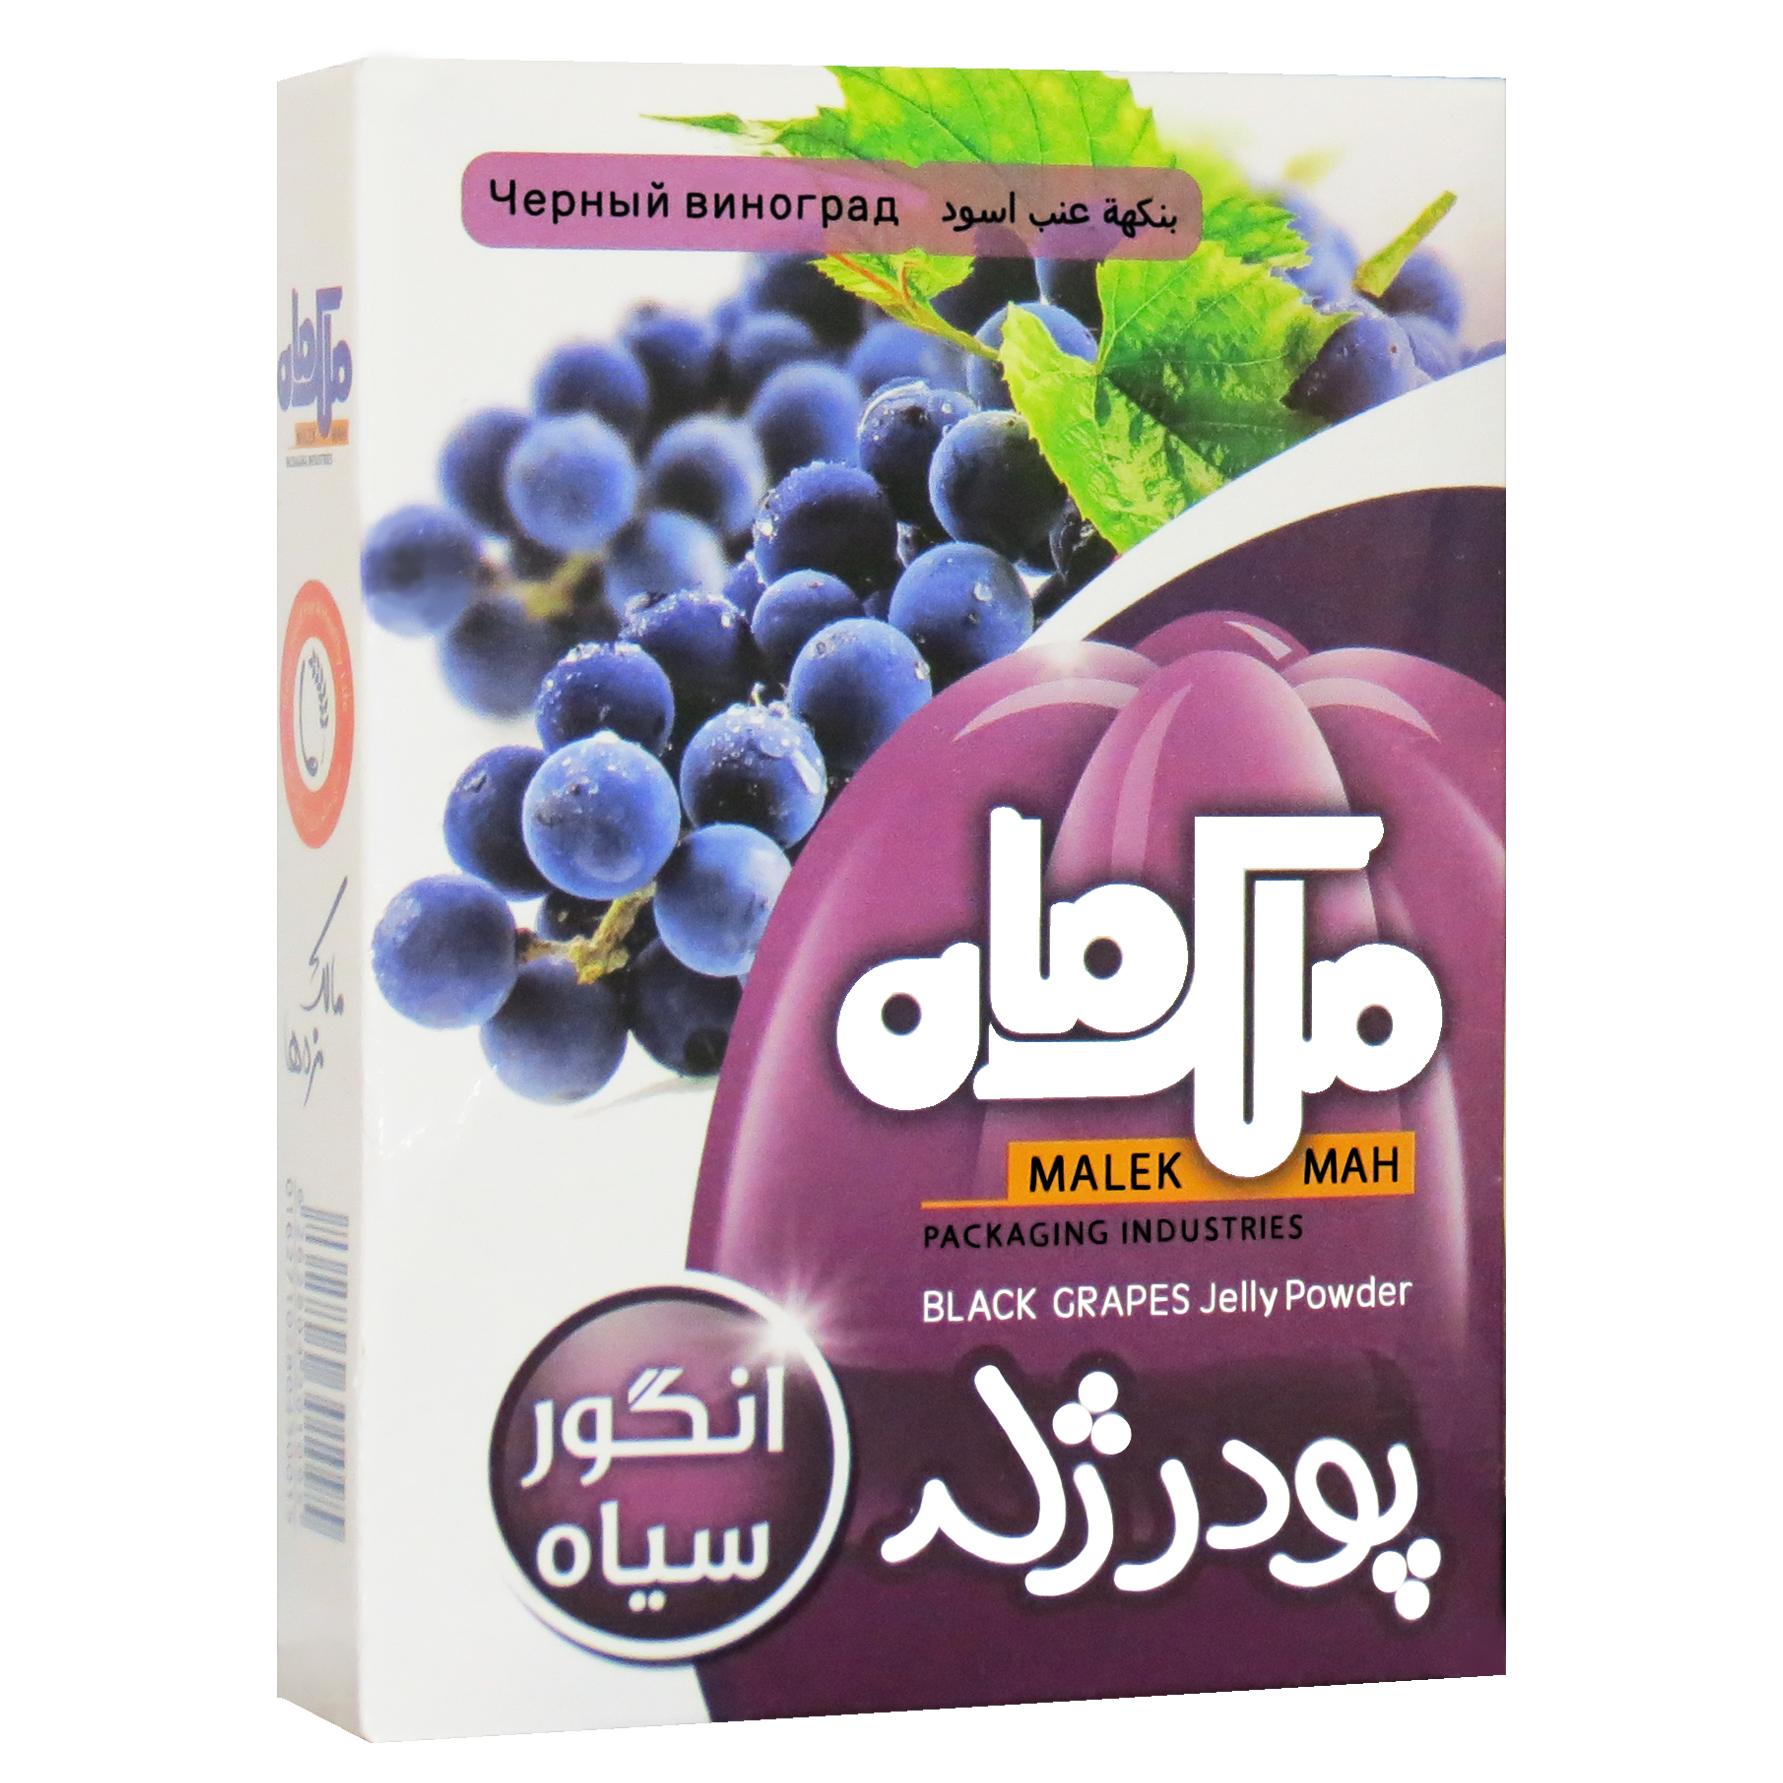 پودر ژله انگور سیاه ملک ماه - 90 گرم